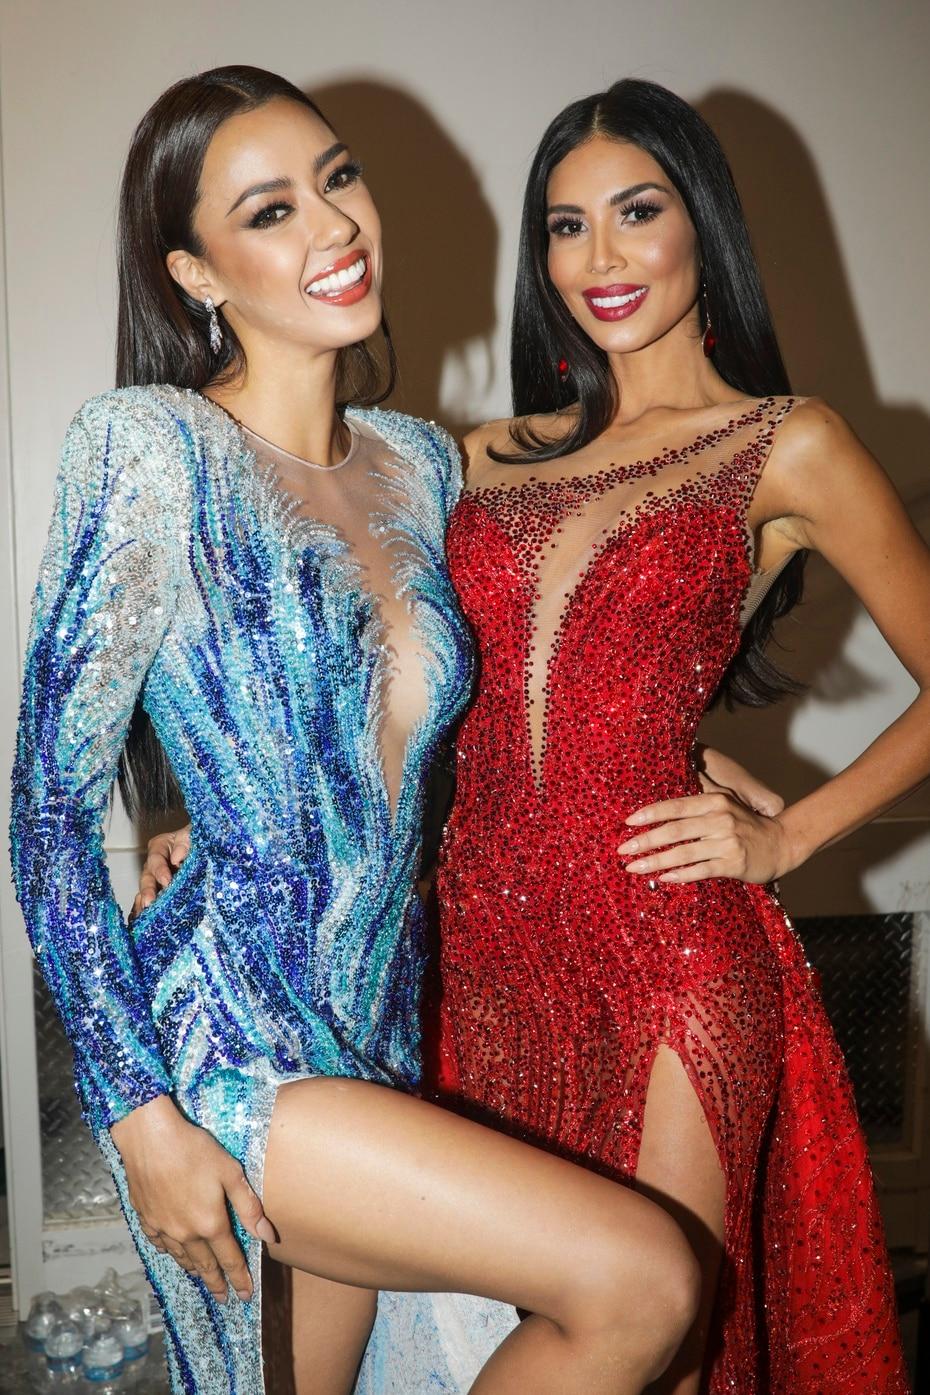 Miss Tailandia y Miss Costa Rica antes de pisar el escenario en traje de gala.